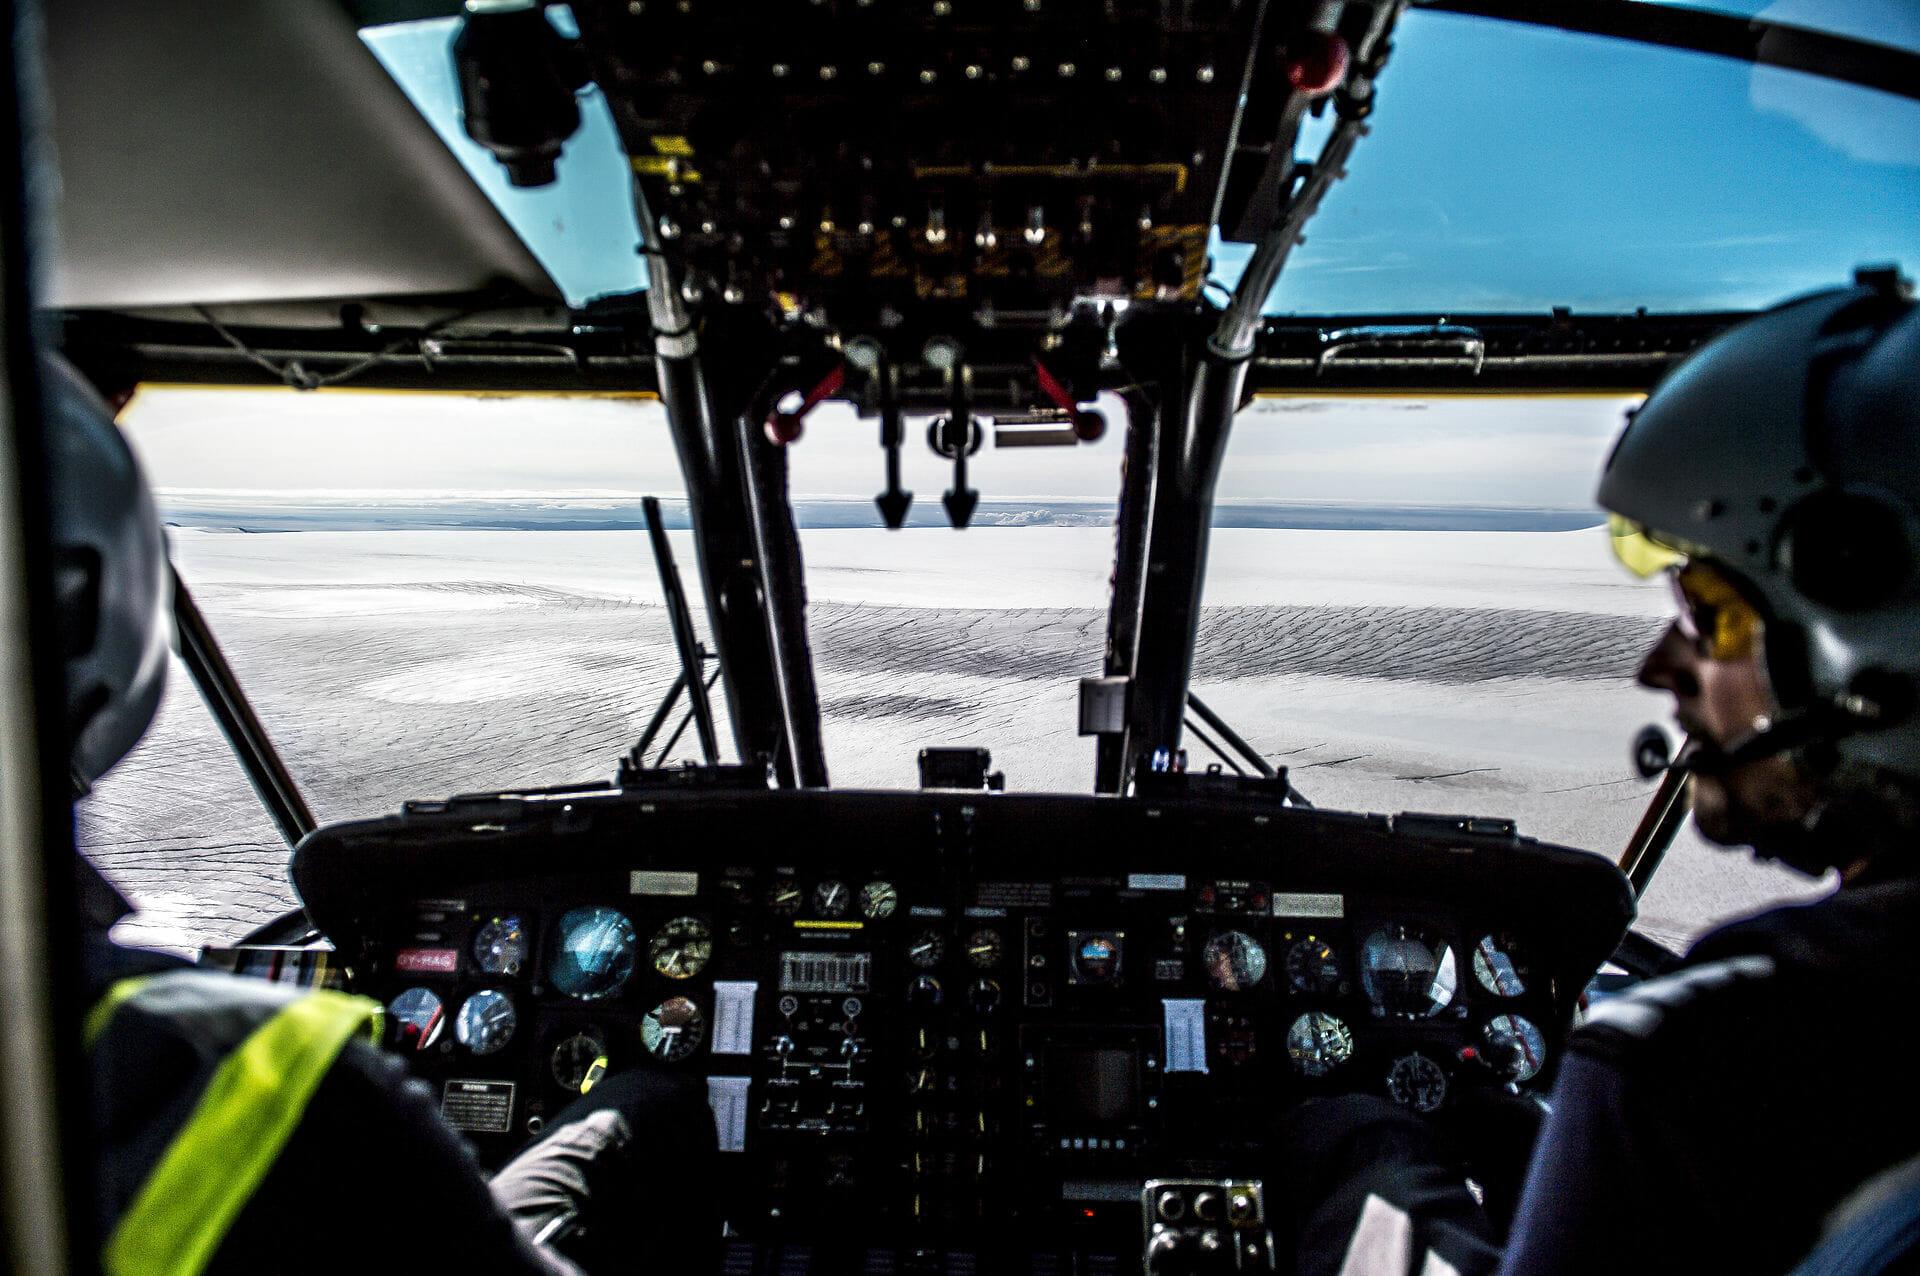 FAKTA: Sådan opererer Forsvaret i dag i Grønland